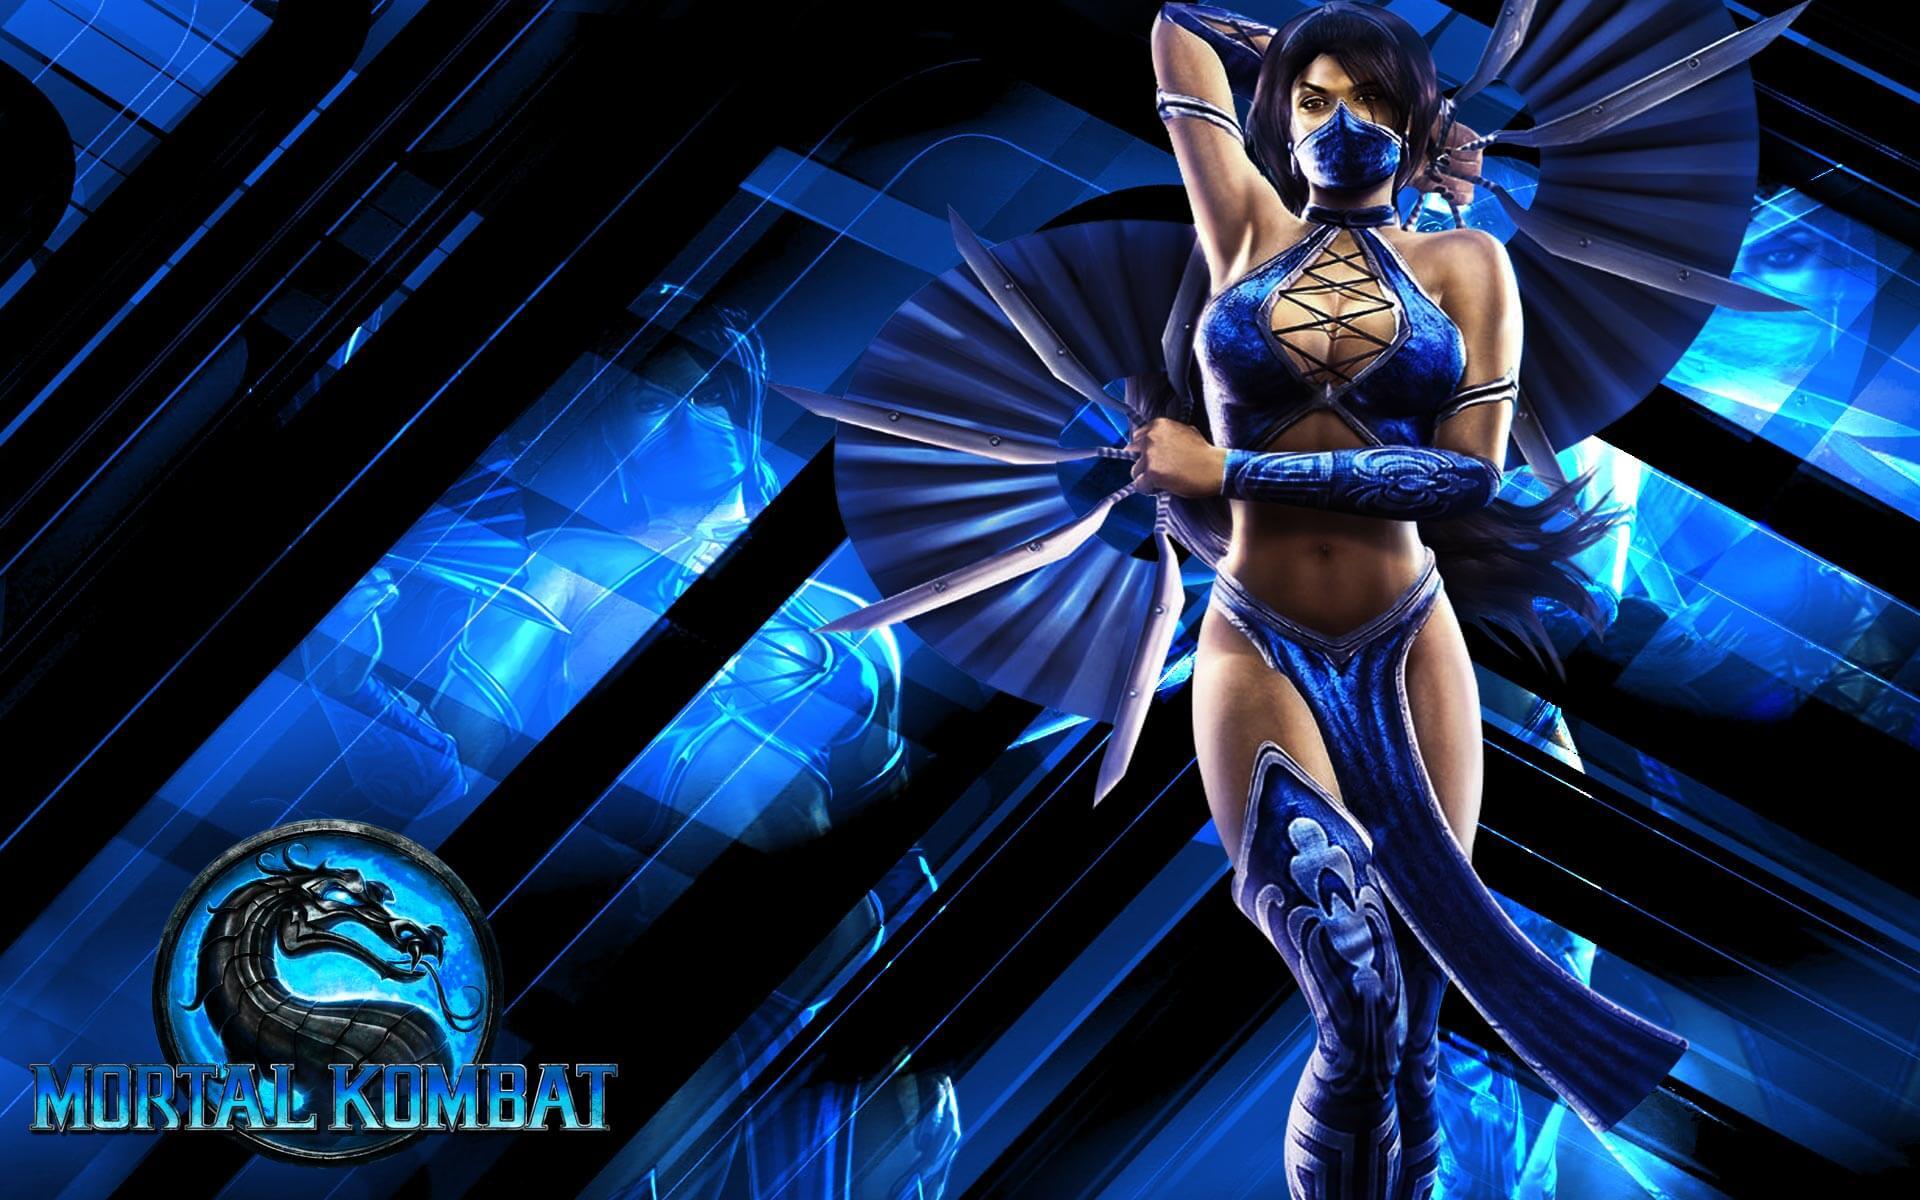 image via primagames.com